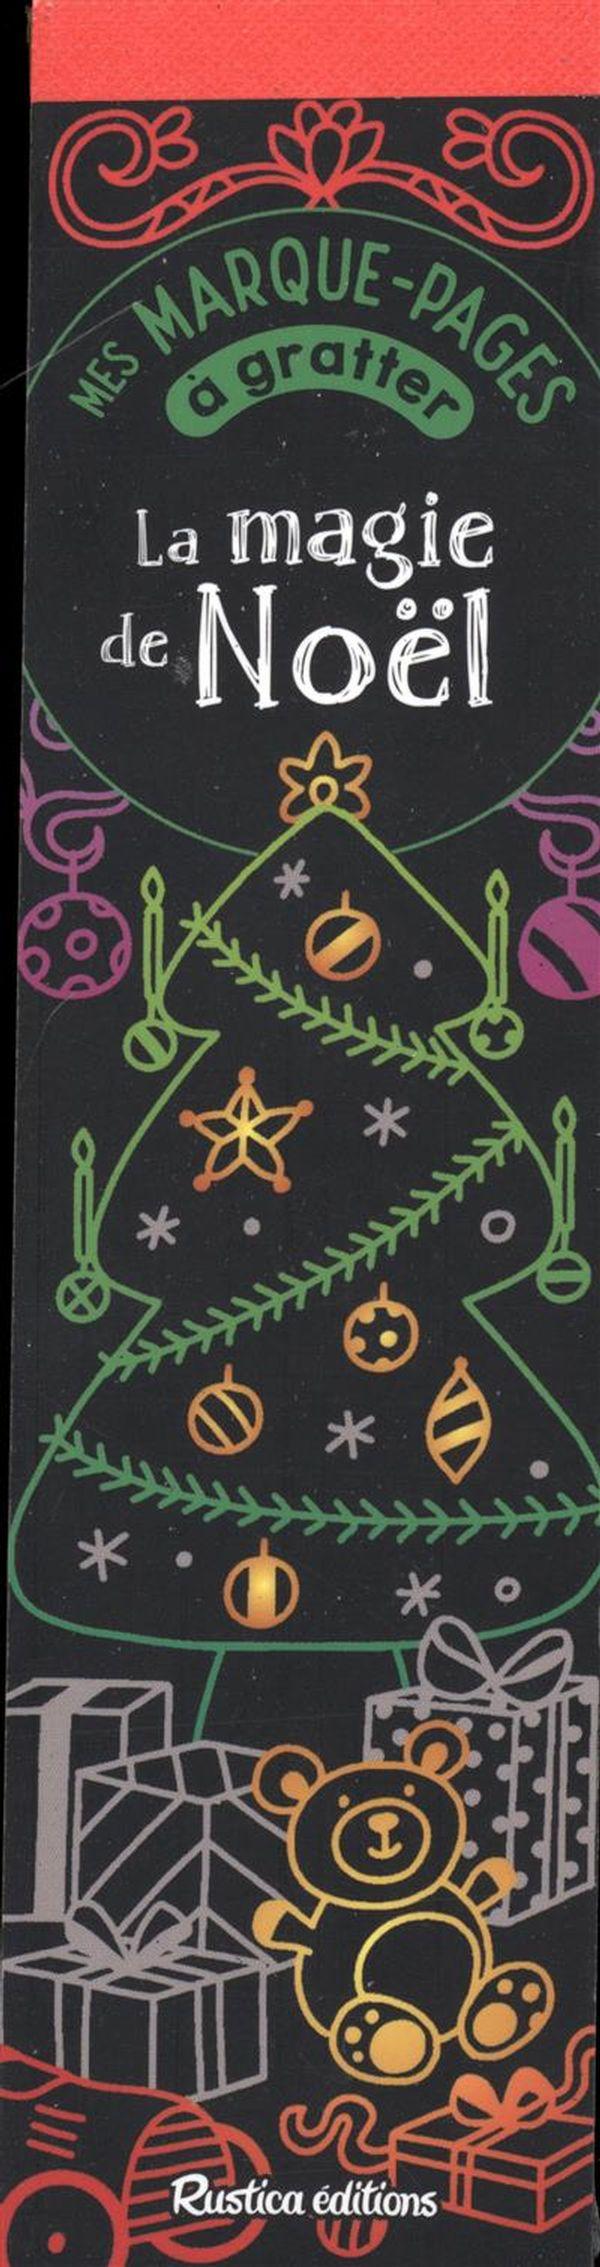 Mes marques-pages à gratter - La magie de Noël